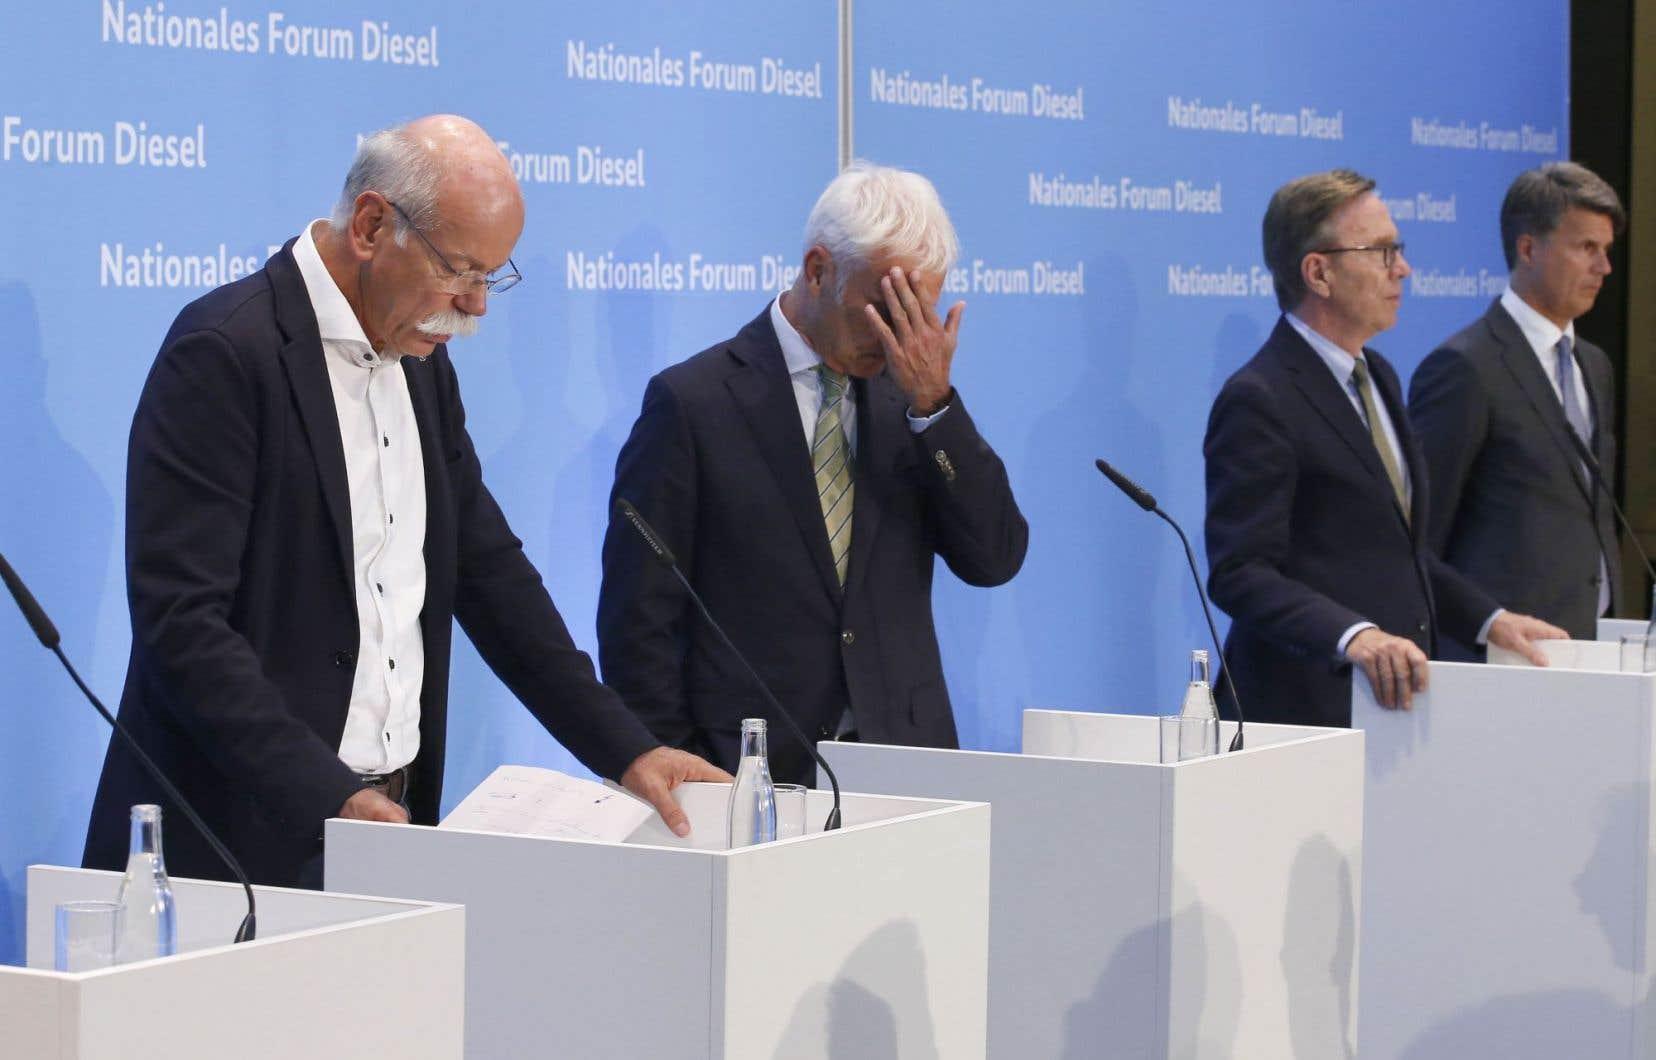 Dieter Zetsche, président de Daimler et à la tête de Mercedes-Benz, aux côtés de Matthias Mueller, p.-d.g. de Volkswagen, de Matthias Wissmann, président de l'Association allemande de l'industrie automobile, et de Harald Krueger, p.-d.g de BMW